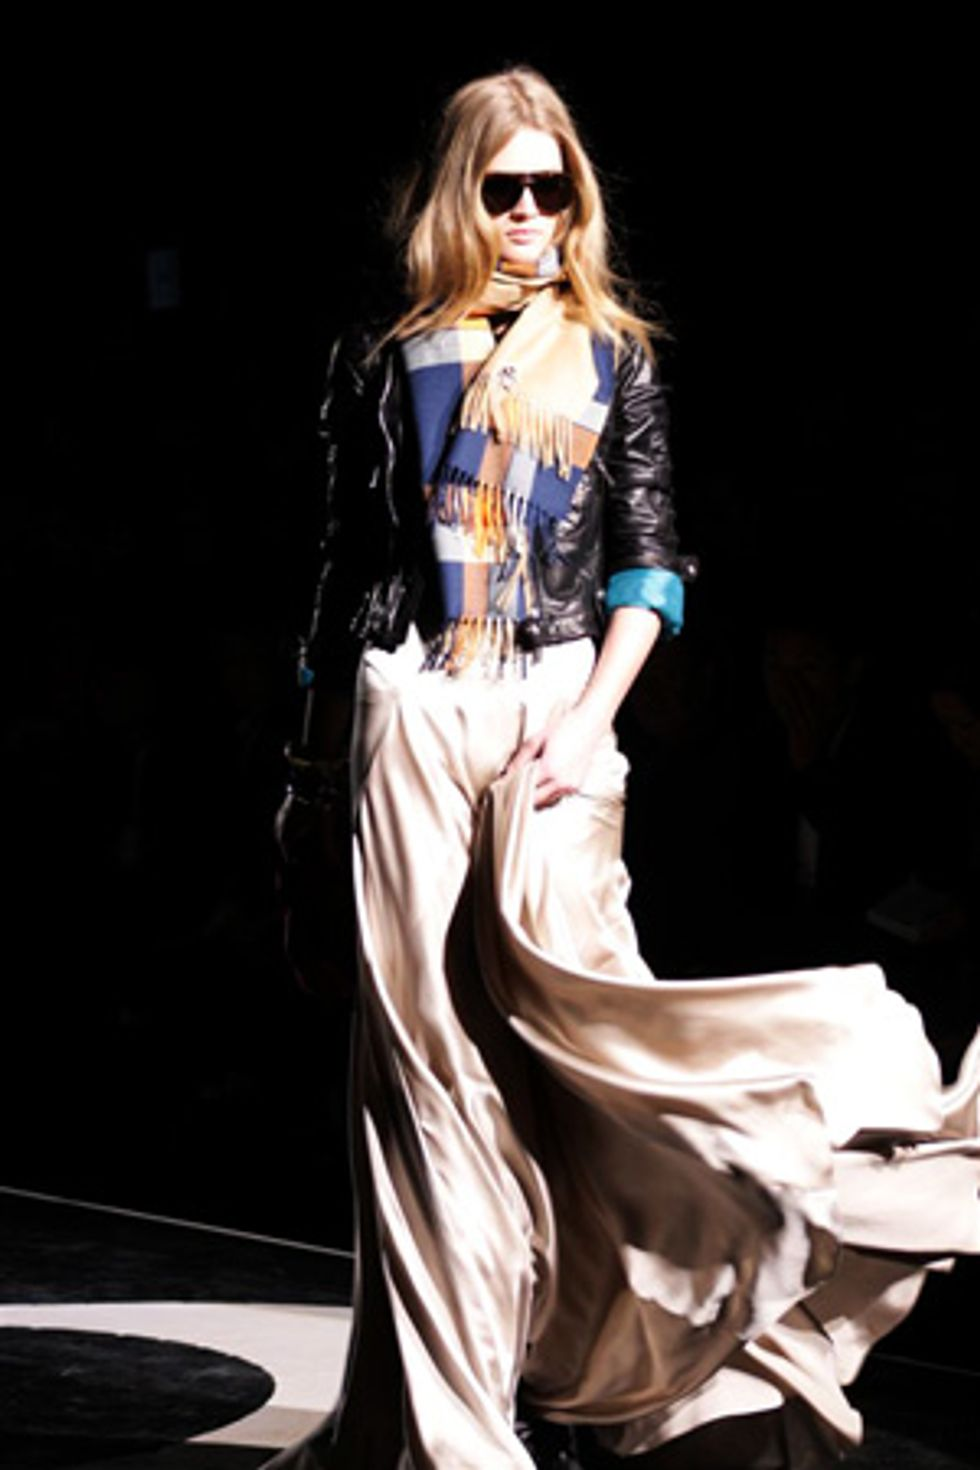 Milan Fashion Week Report: DSquared